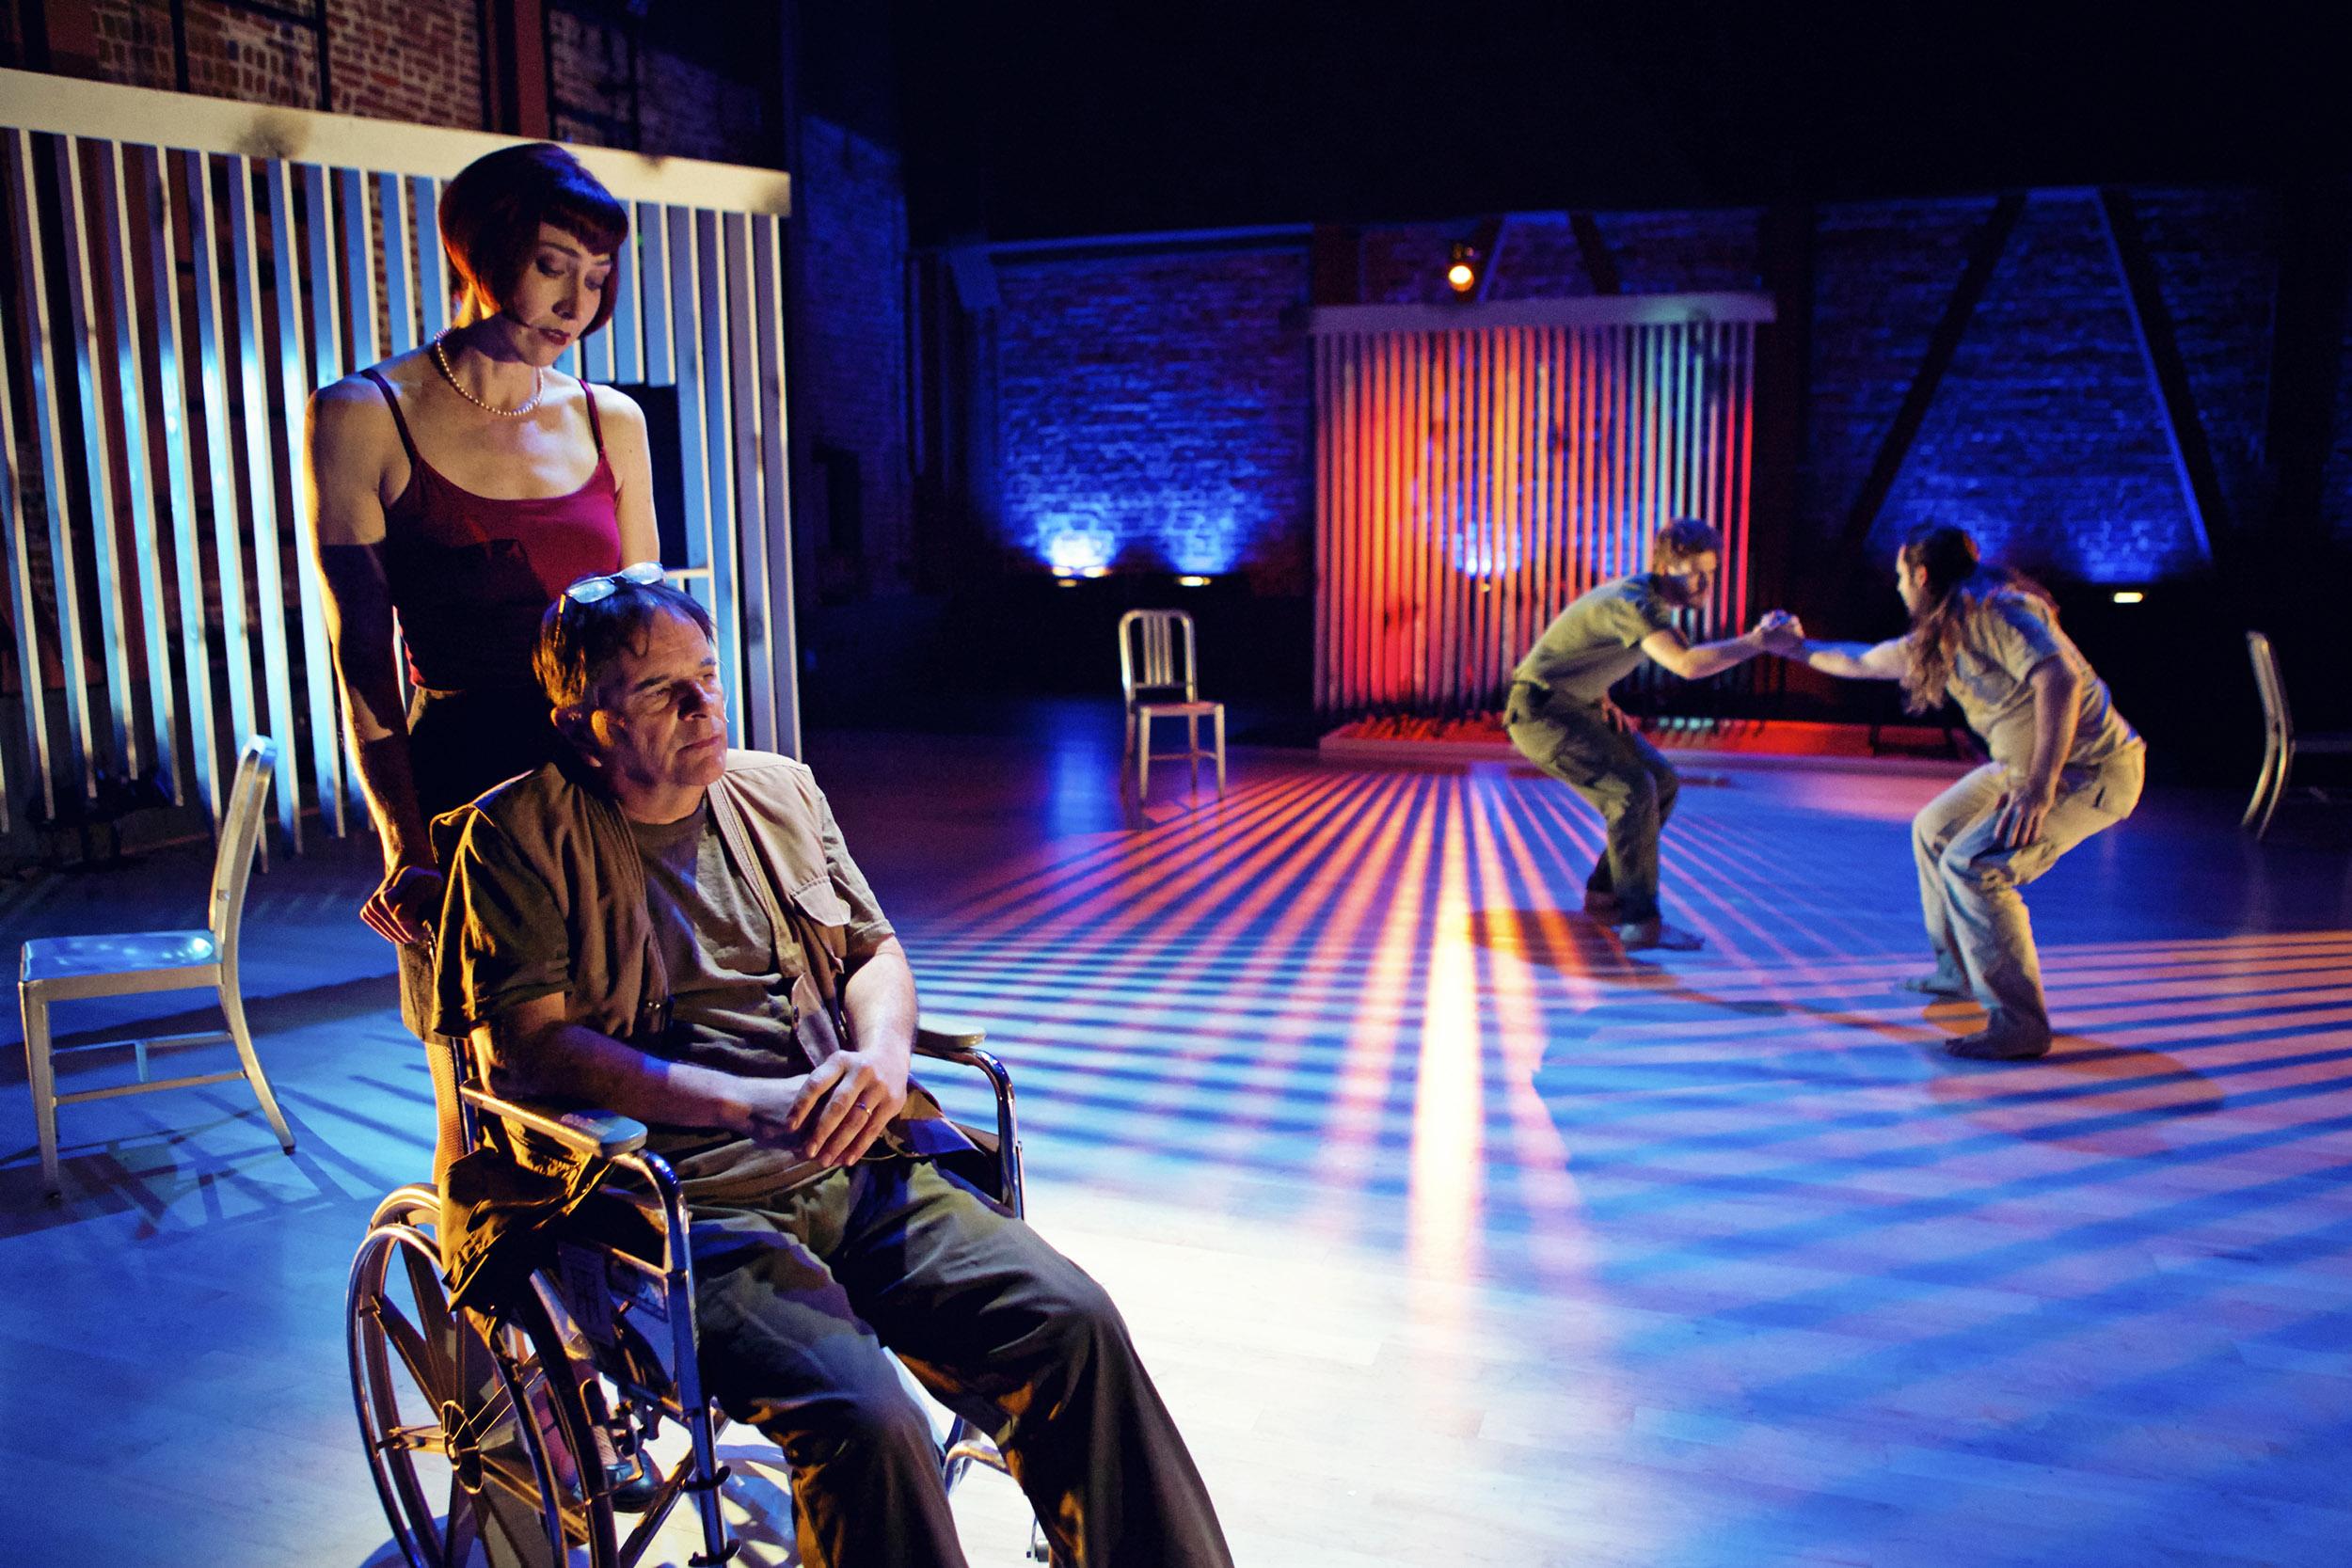 private-life-allen-willner-lighting-wheel-chair.jpg